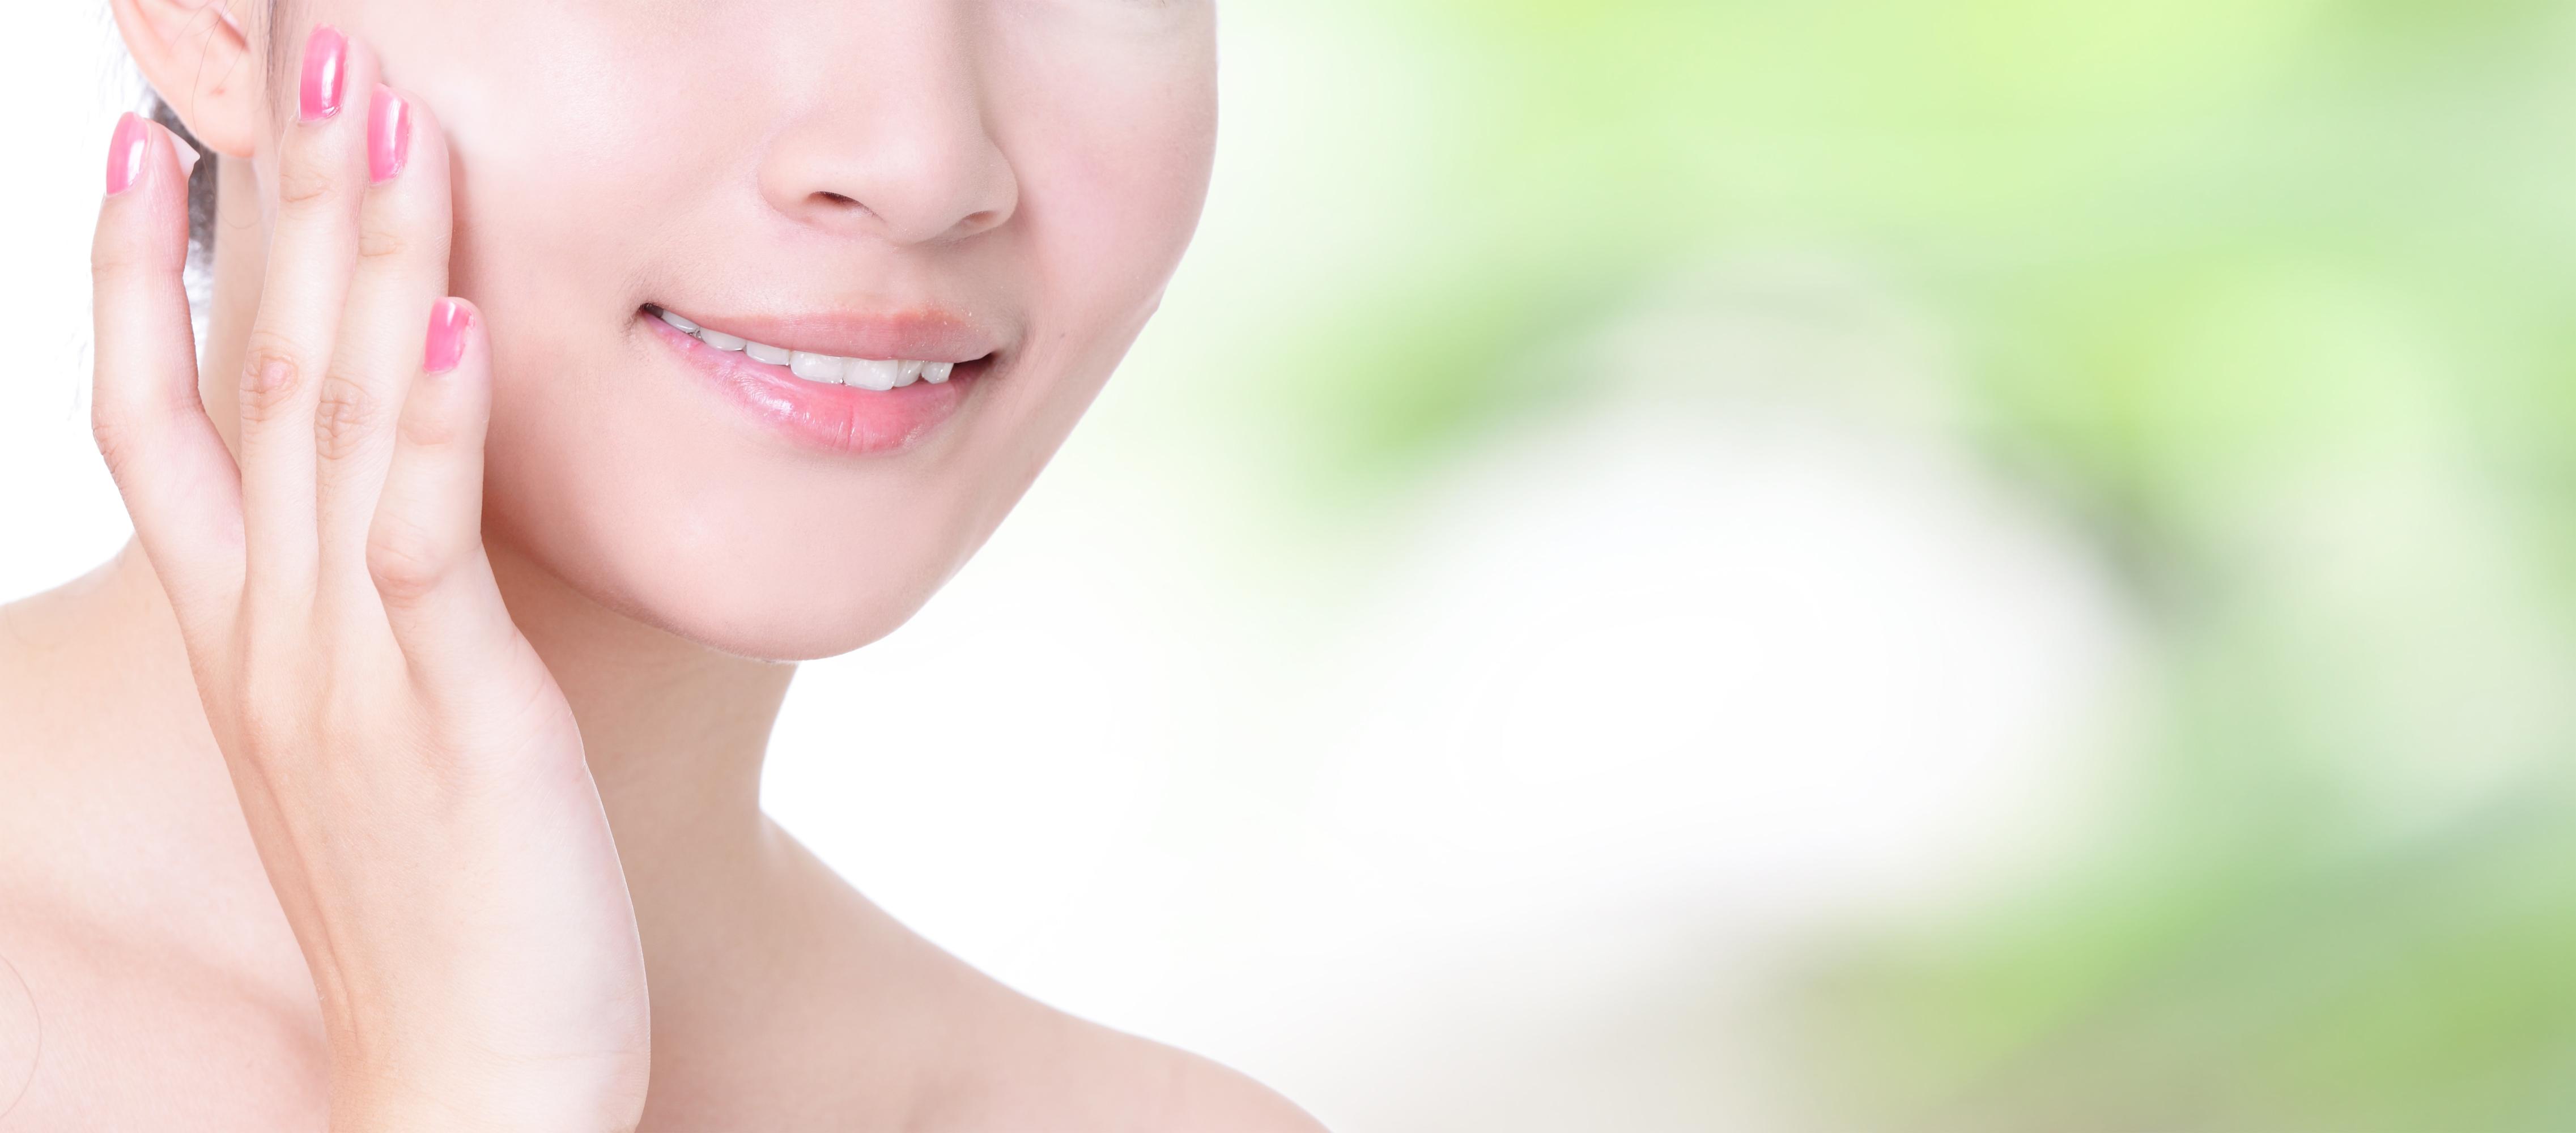 Obturaciones/restauraciones : Especialidades  de Clínica Dental Baviera